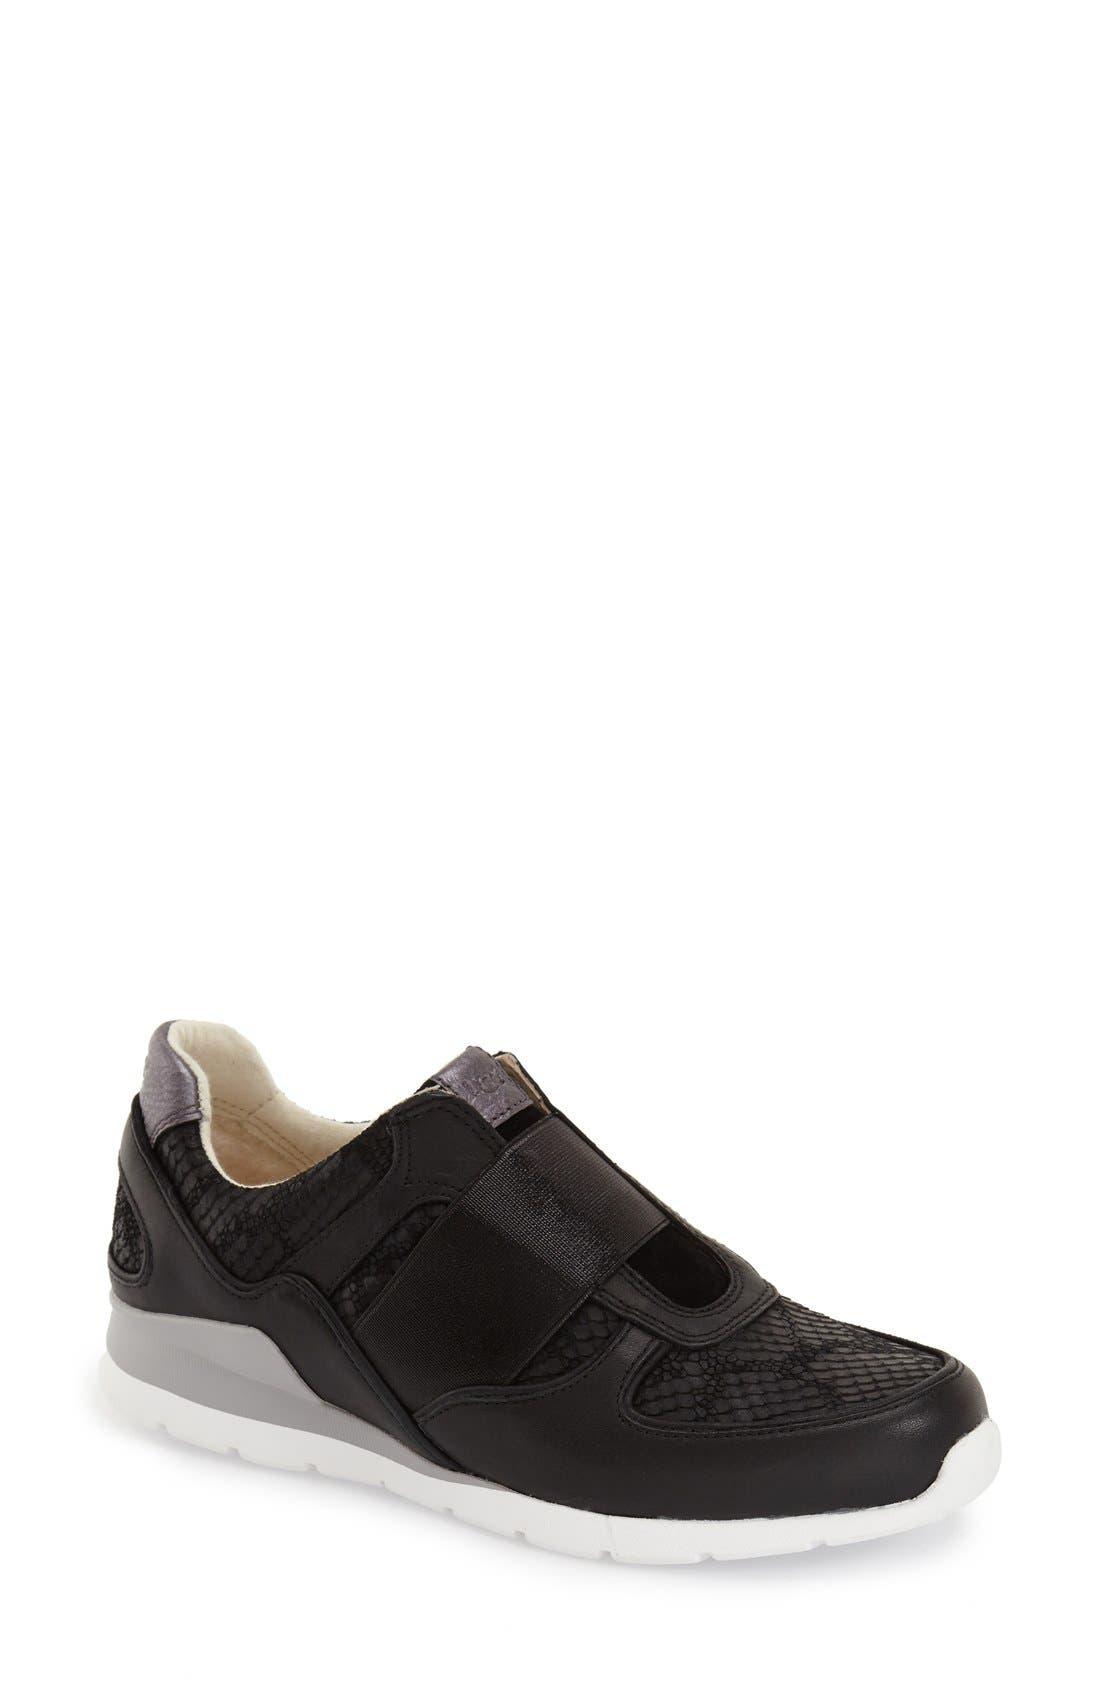 'Annetta' Slip-On Sneaker,                             Main thumbnail 1, color,                             Black Leather